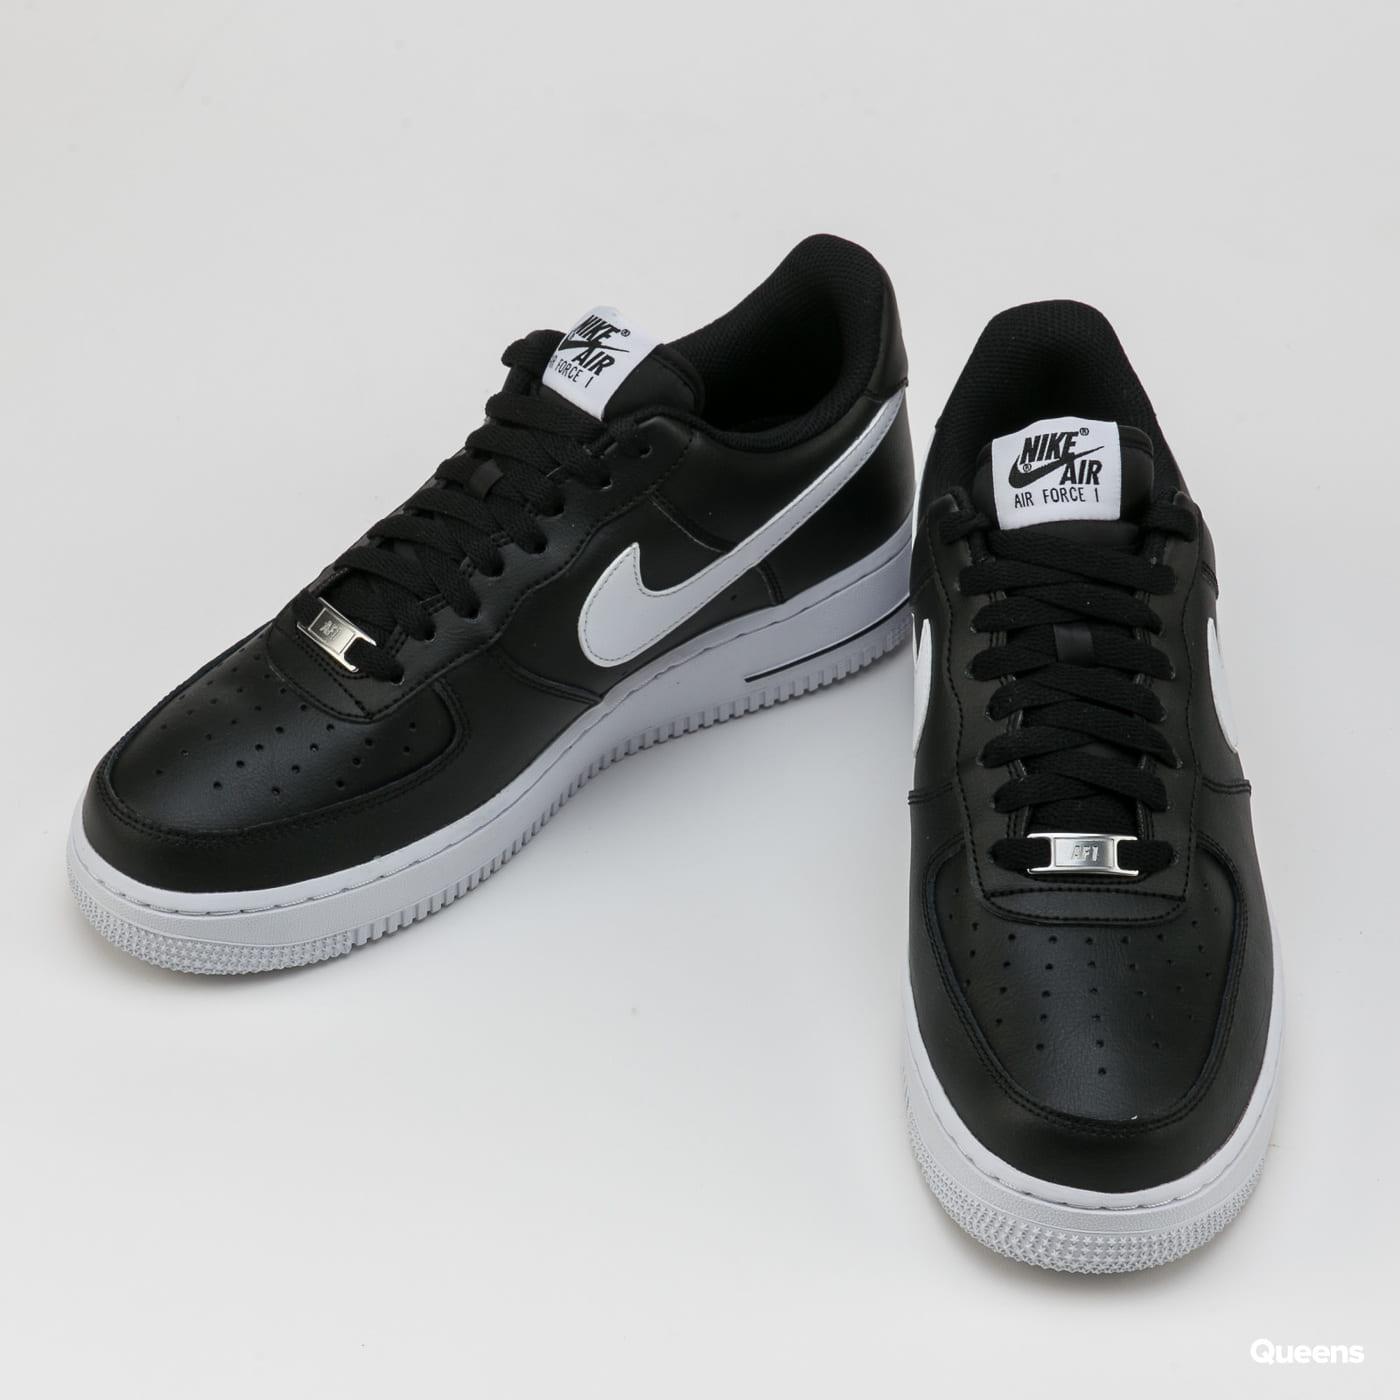 Nike Air Force 1 '07 AN20 black / white